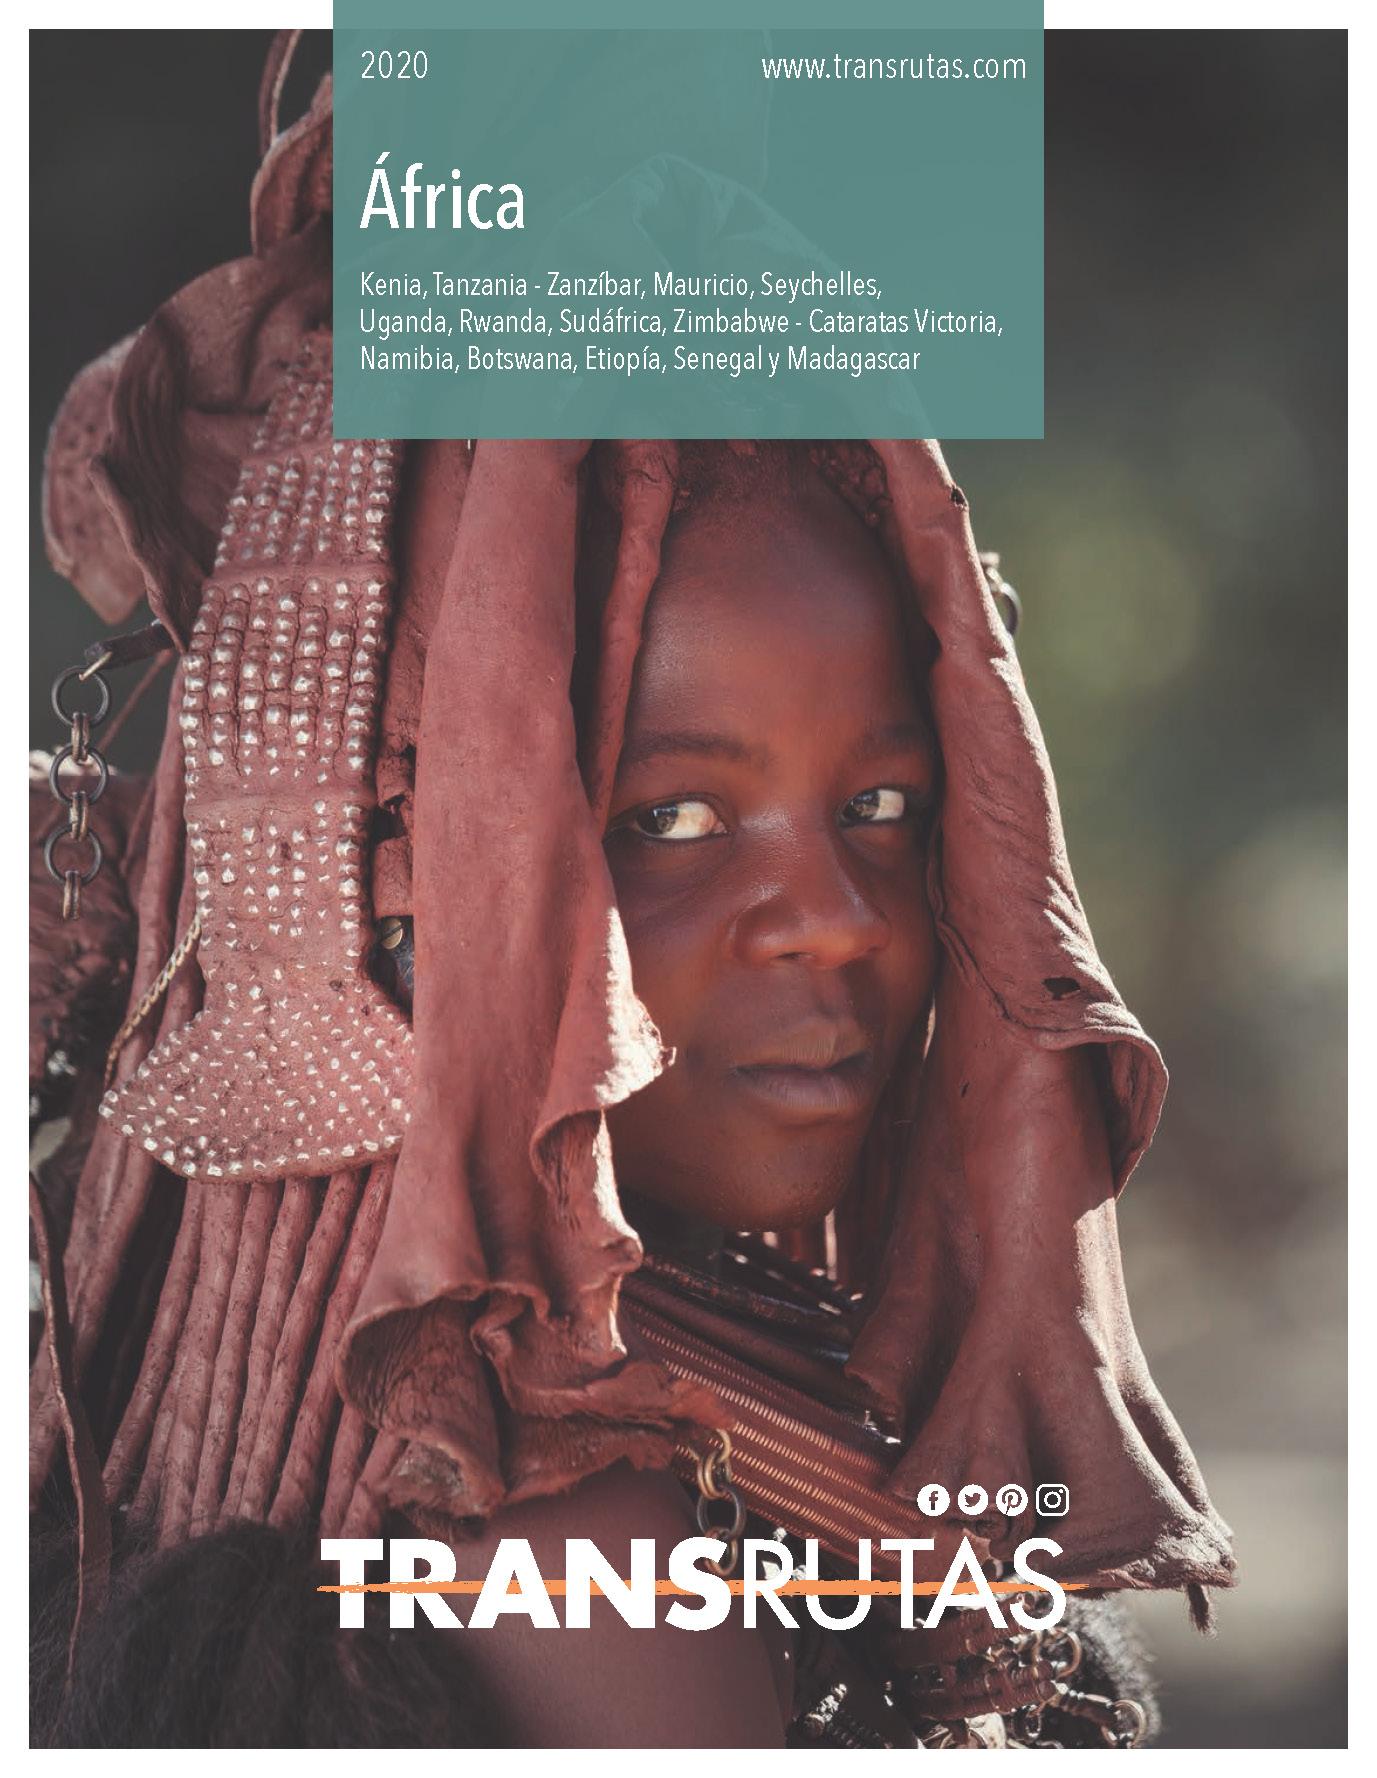 Catalogo Transrutas Africa 2020